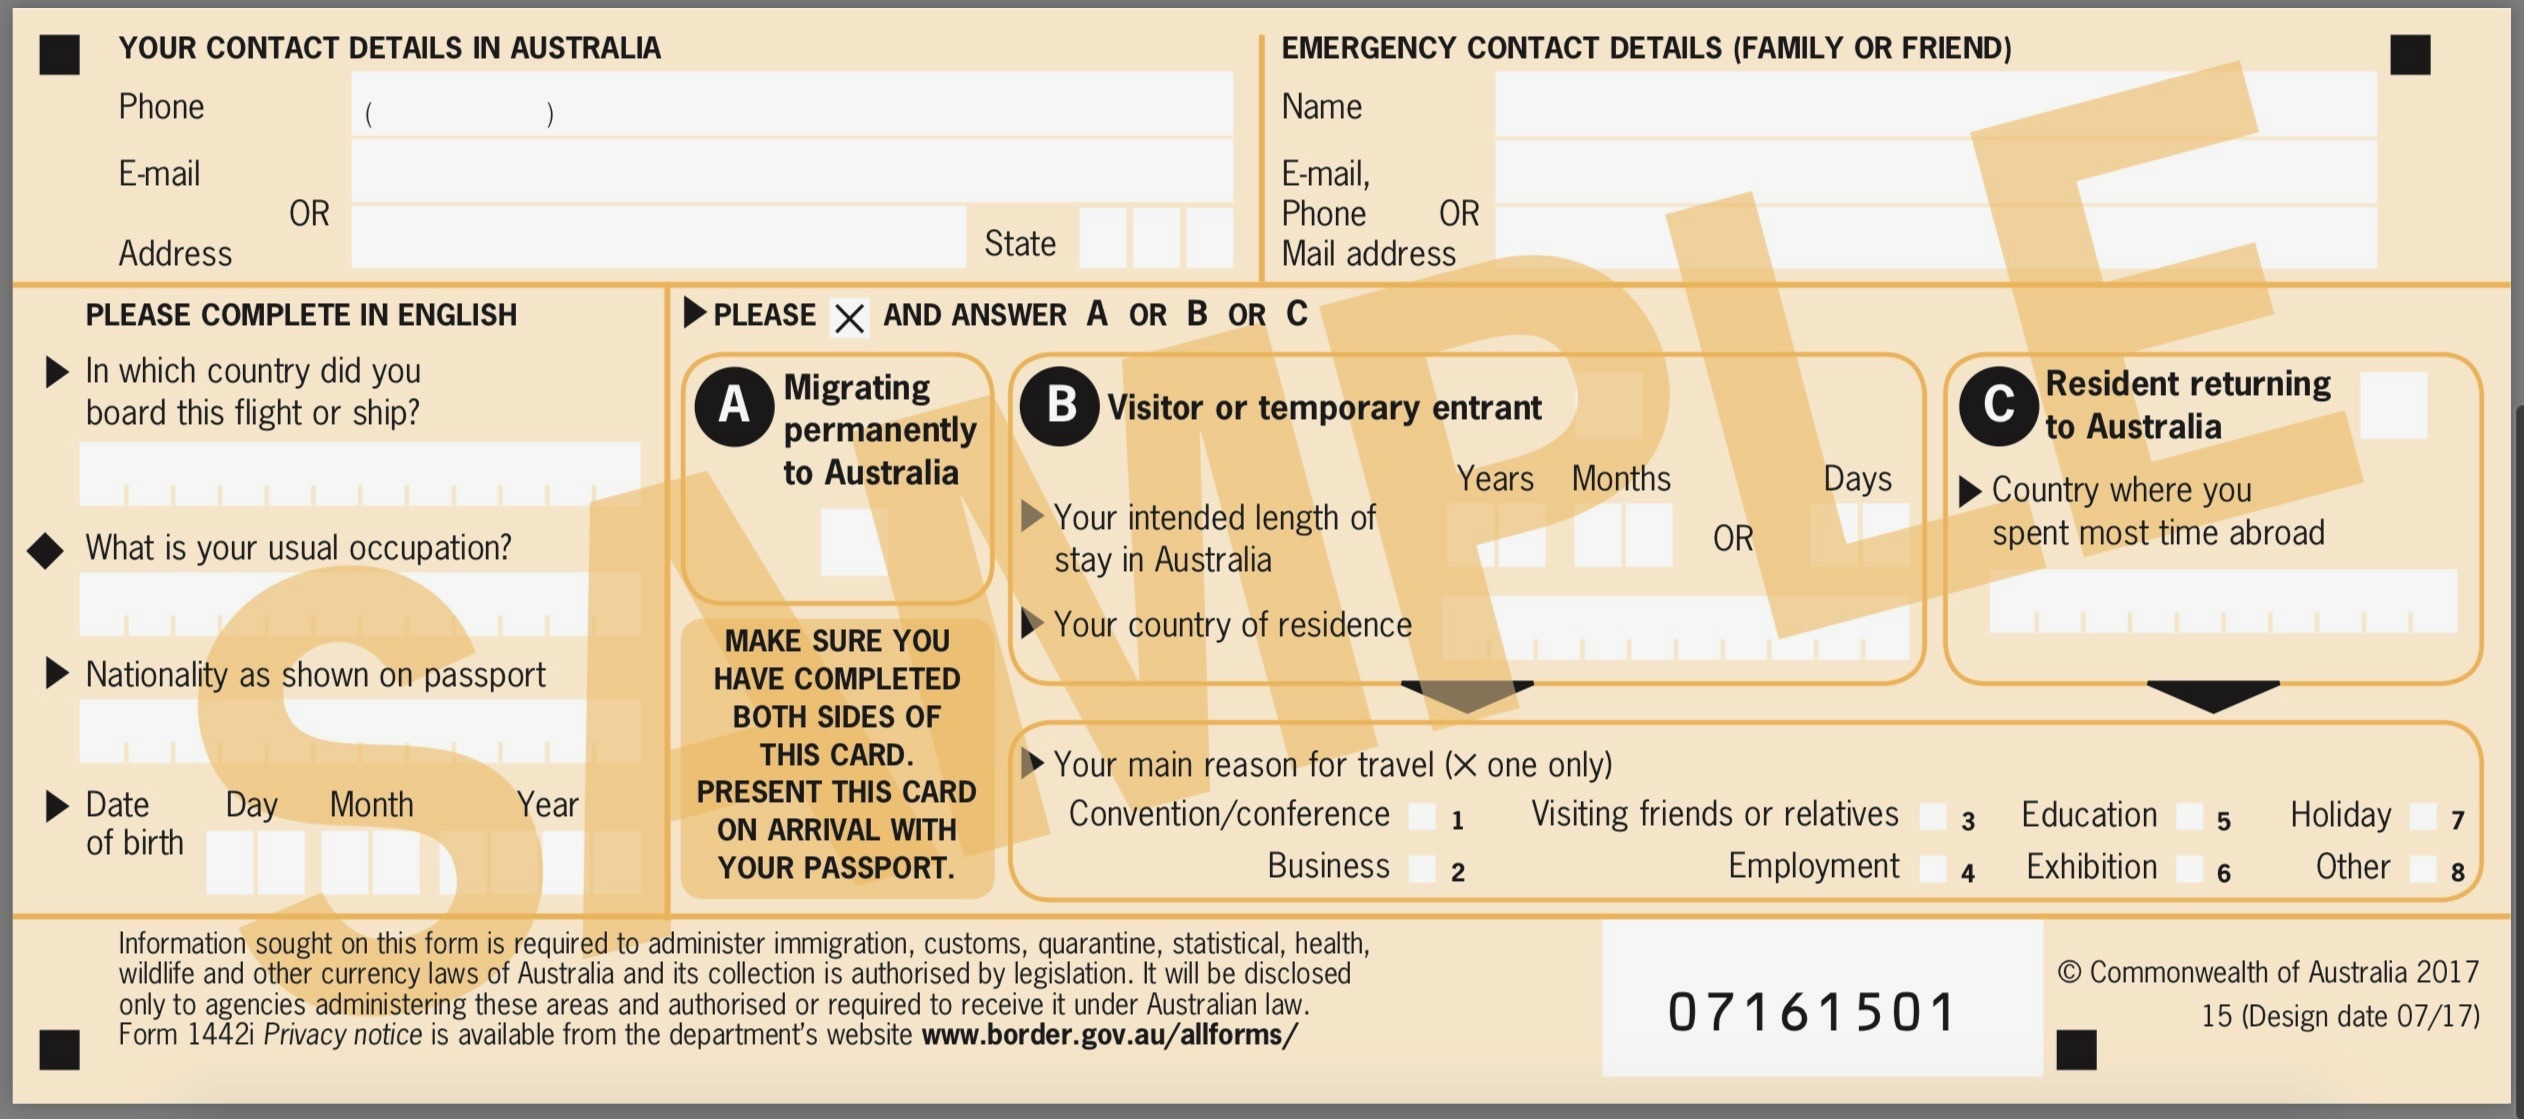 Važno! Izbegnite poništenje turističke vize za Australiju 2